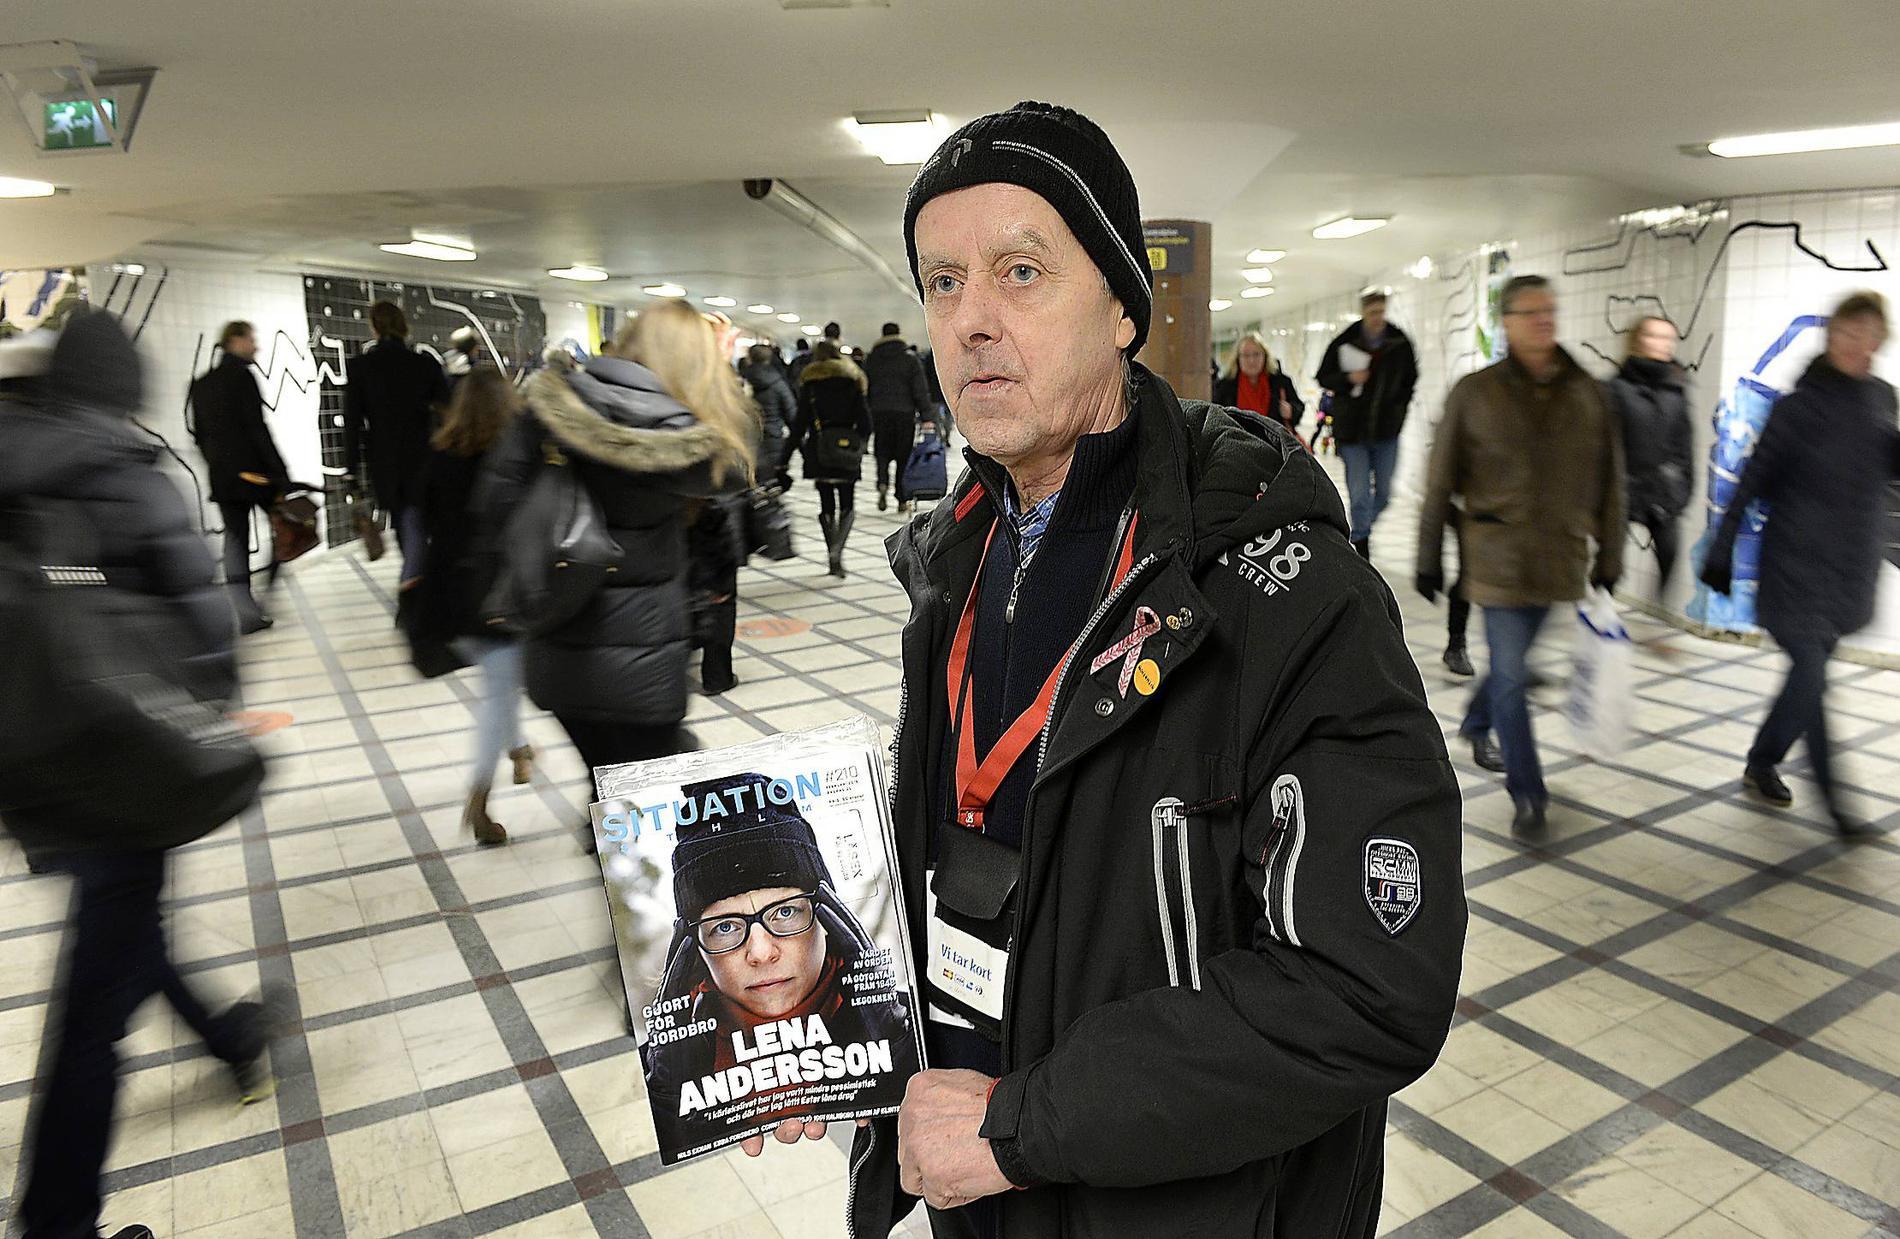 Stefan Wikberg är veteran och har sålt Situation Stockholm sedan 1999, ofta på Centralen. Numera tar han kort också, inte bara kontanter.